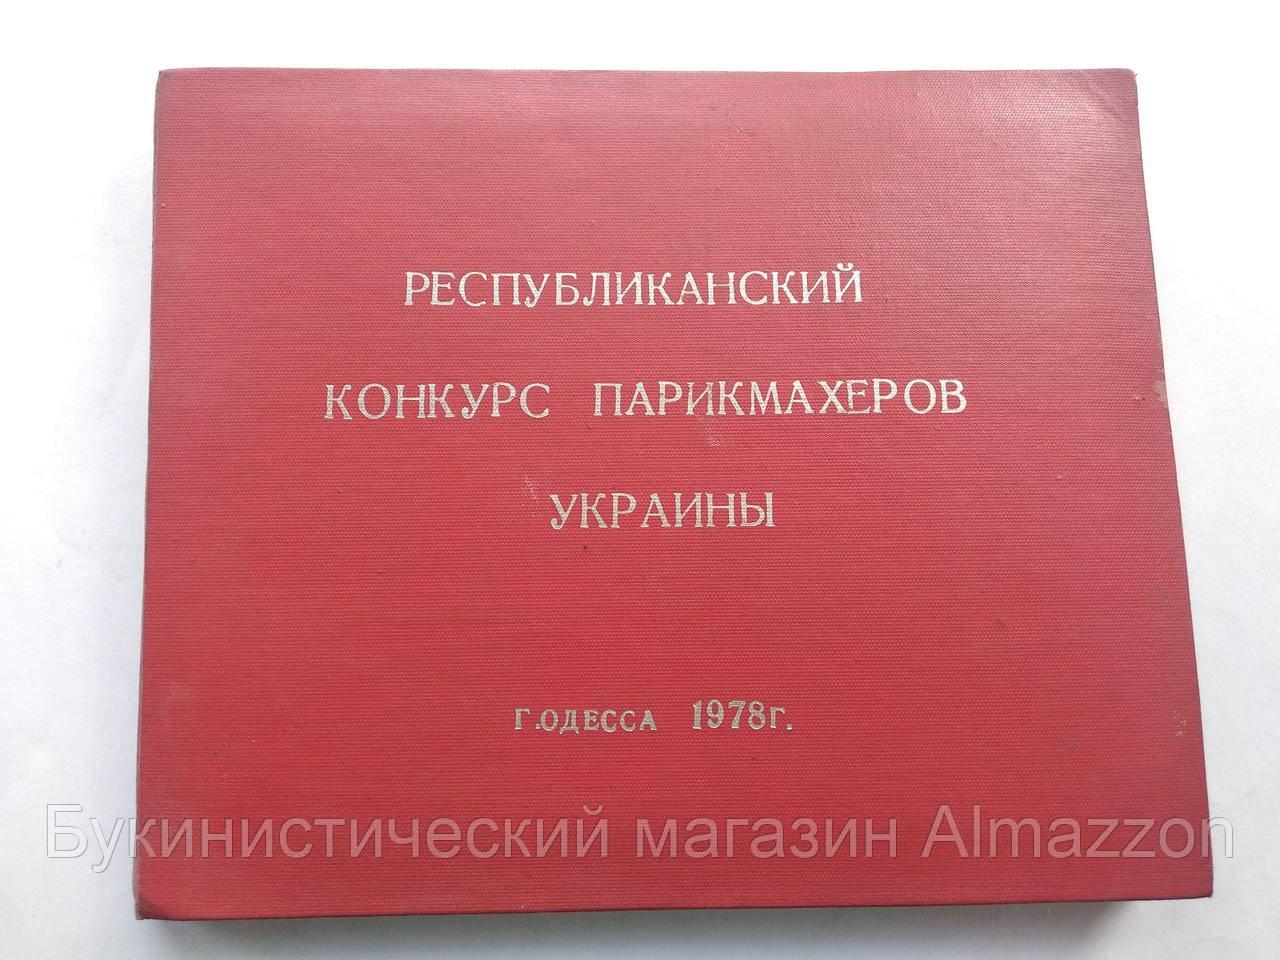 Альбом Одесса 1978 Республиканский конкурс парикмахеров Украины